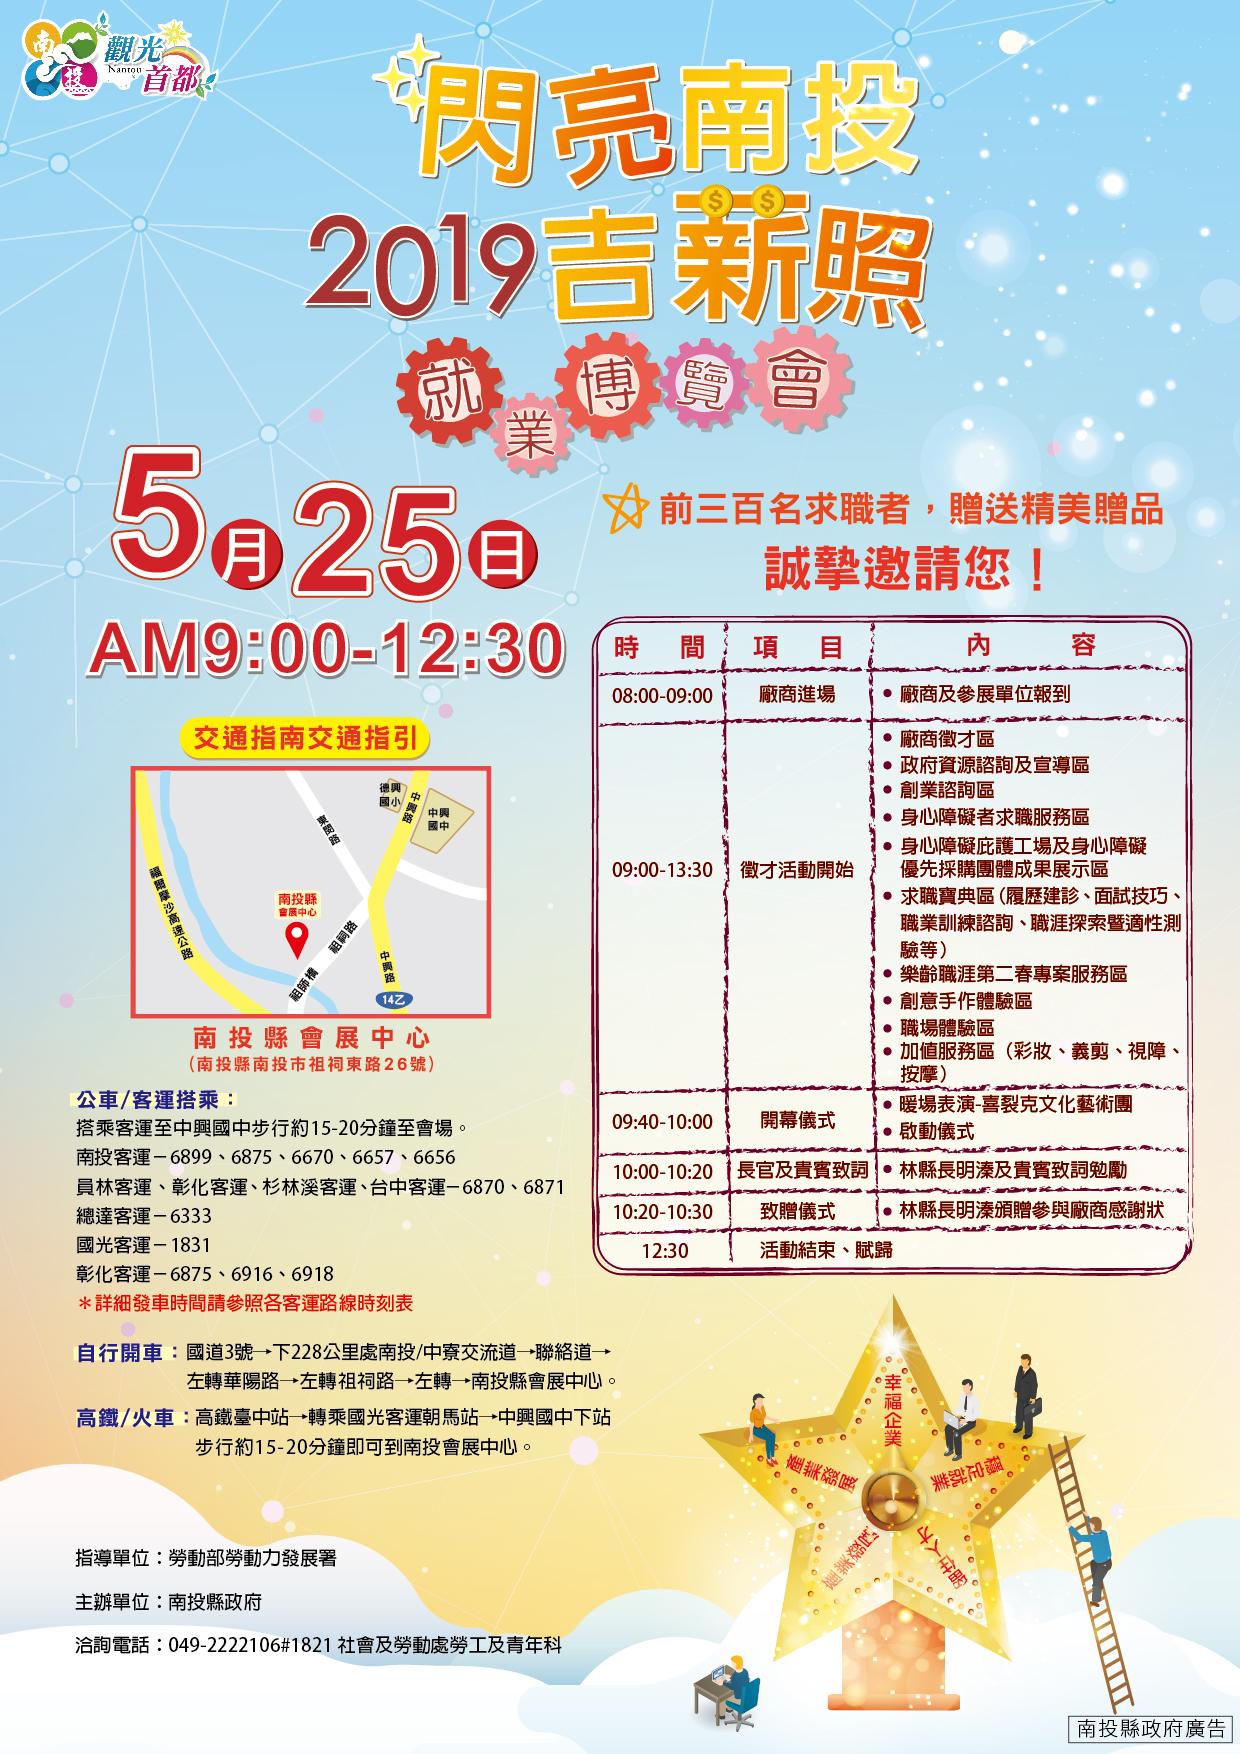 Image-「2019閃亮南投.吉薪照」就業博覽會海報